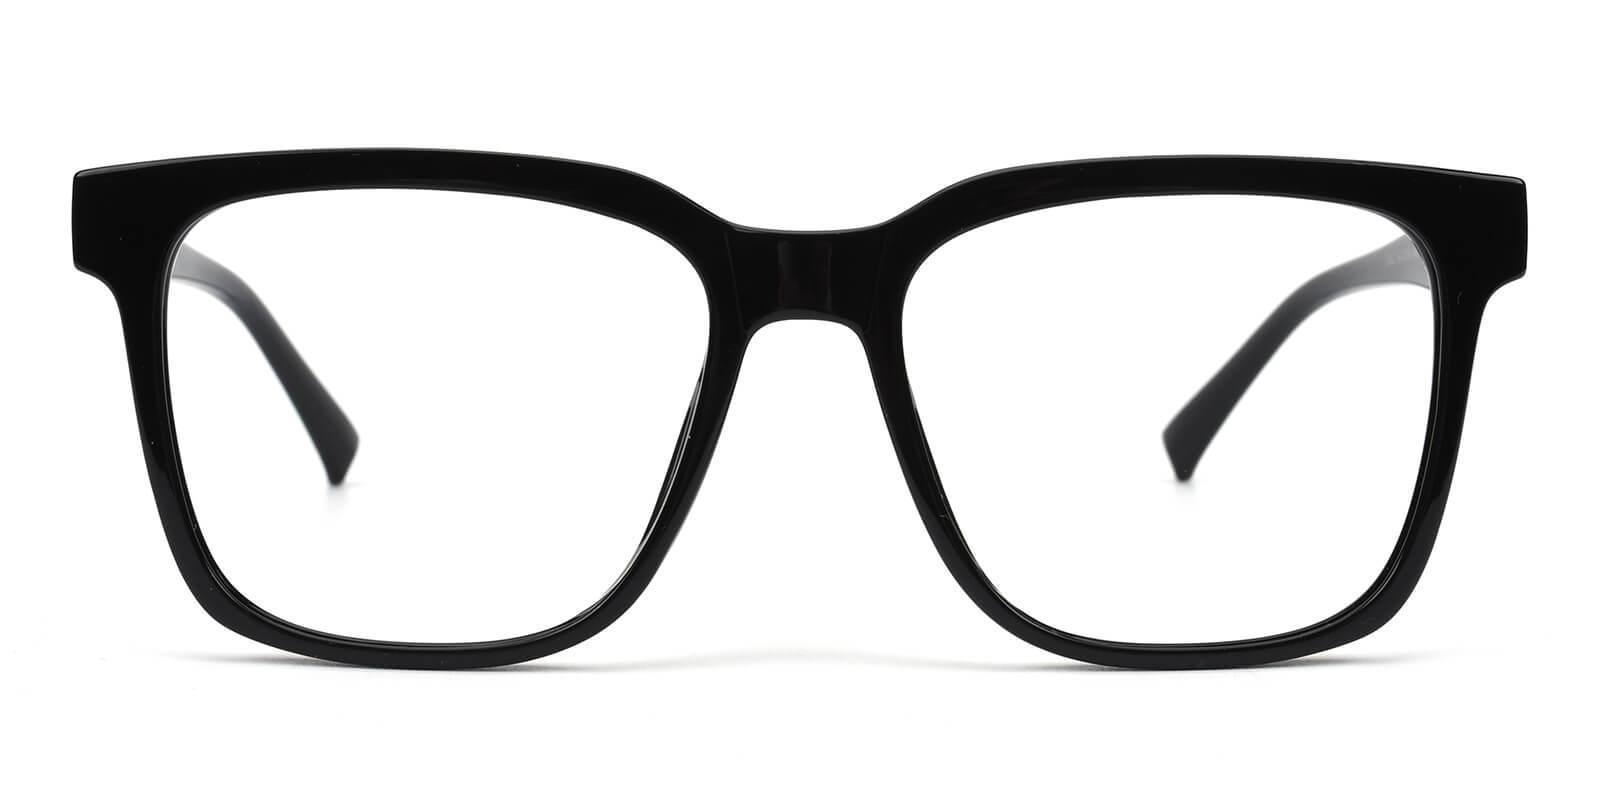 Enza-Black-Square-TR-Eyeglasses-detail